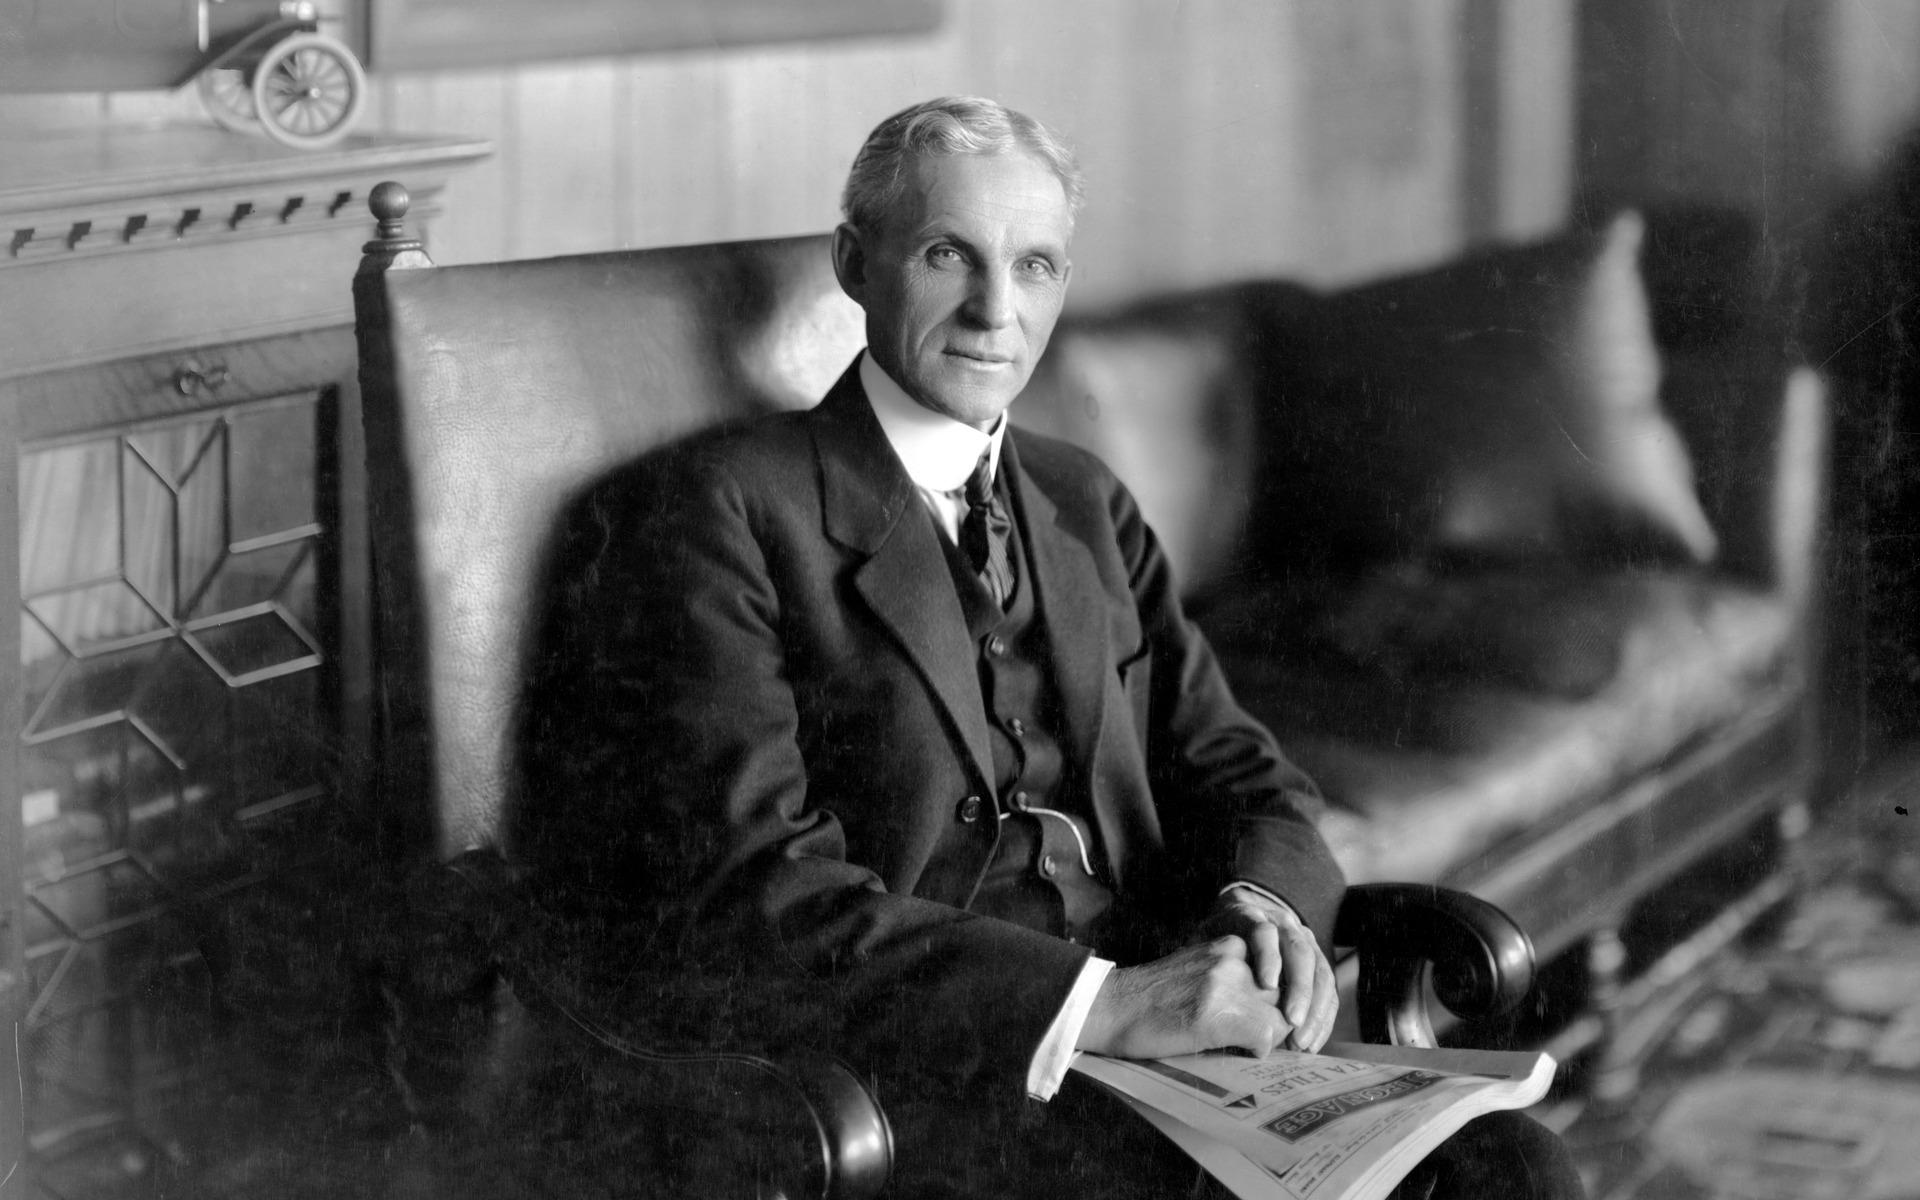 Henry Ford dans une pose des plus nobles.